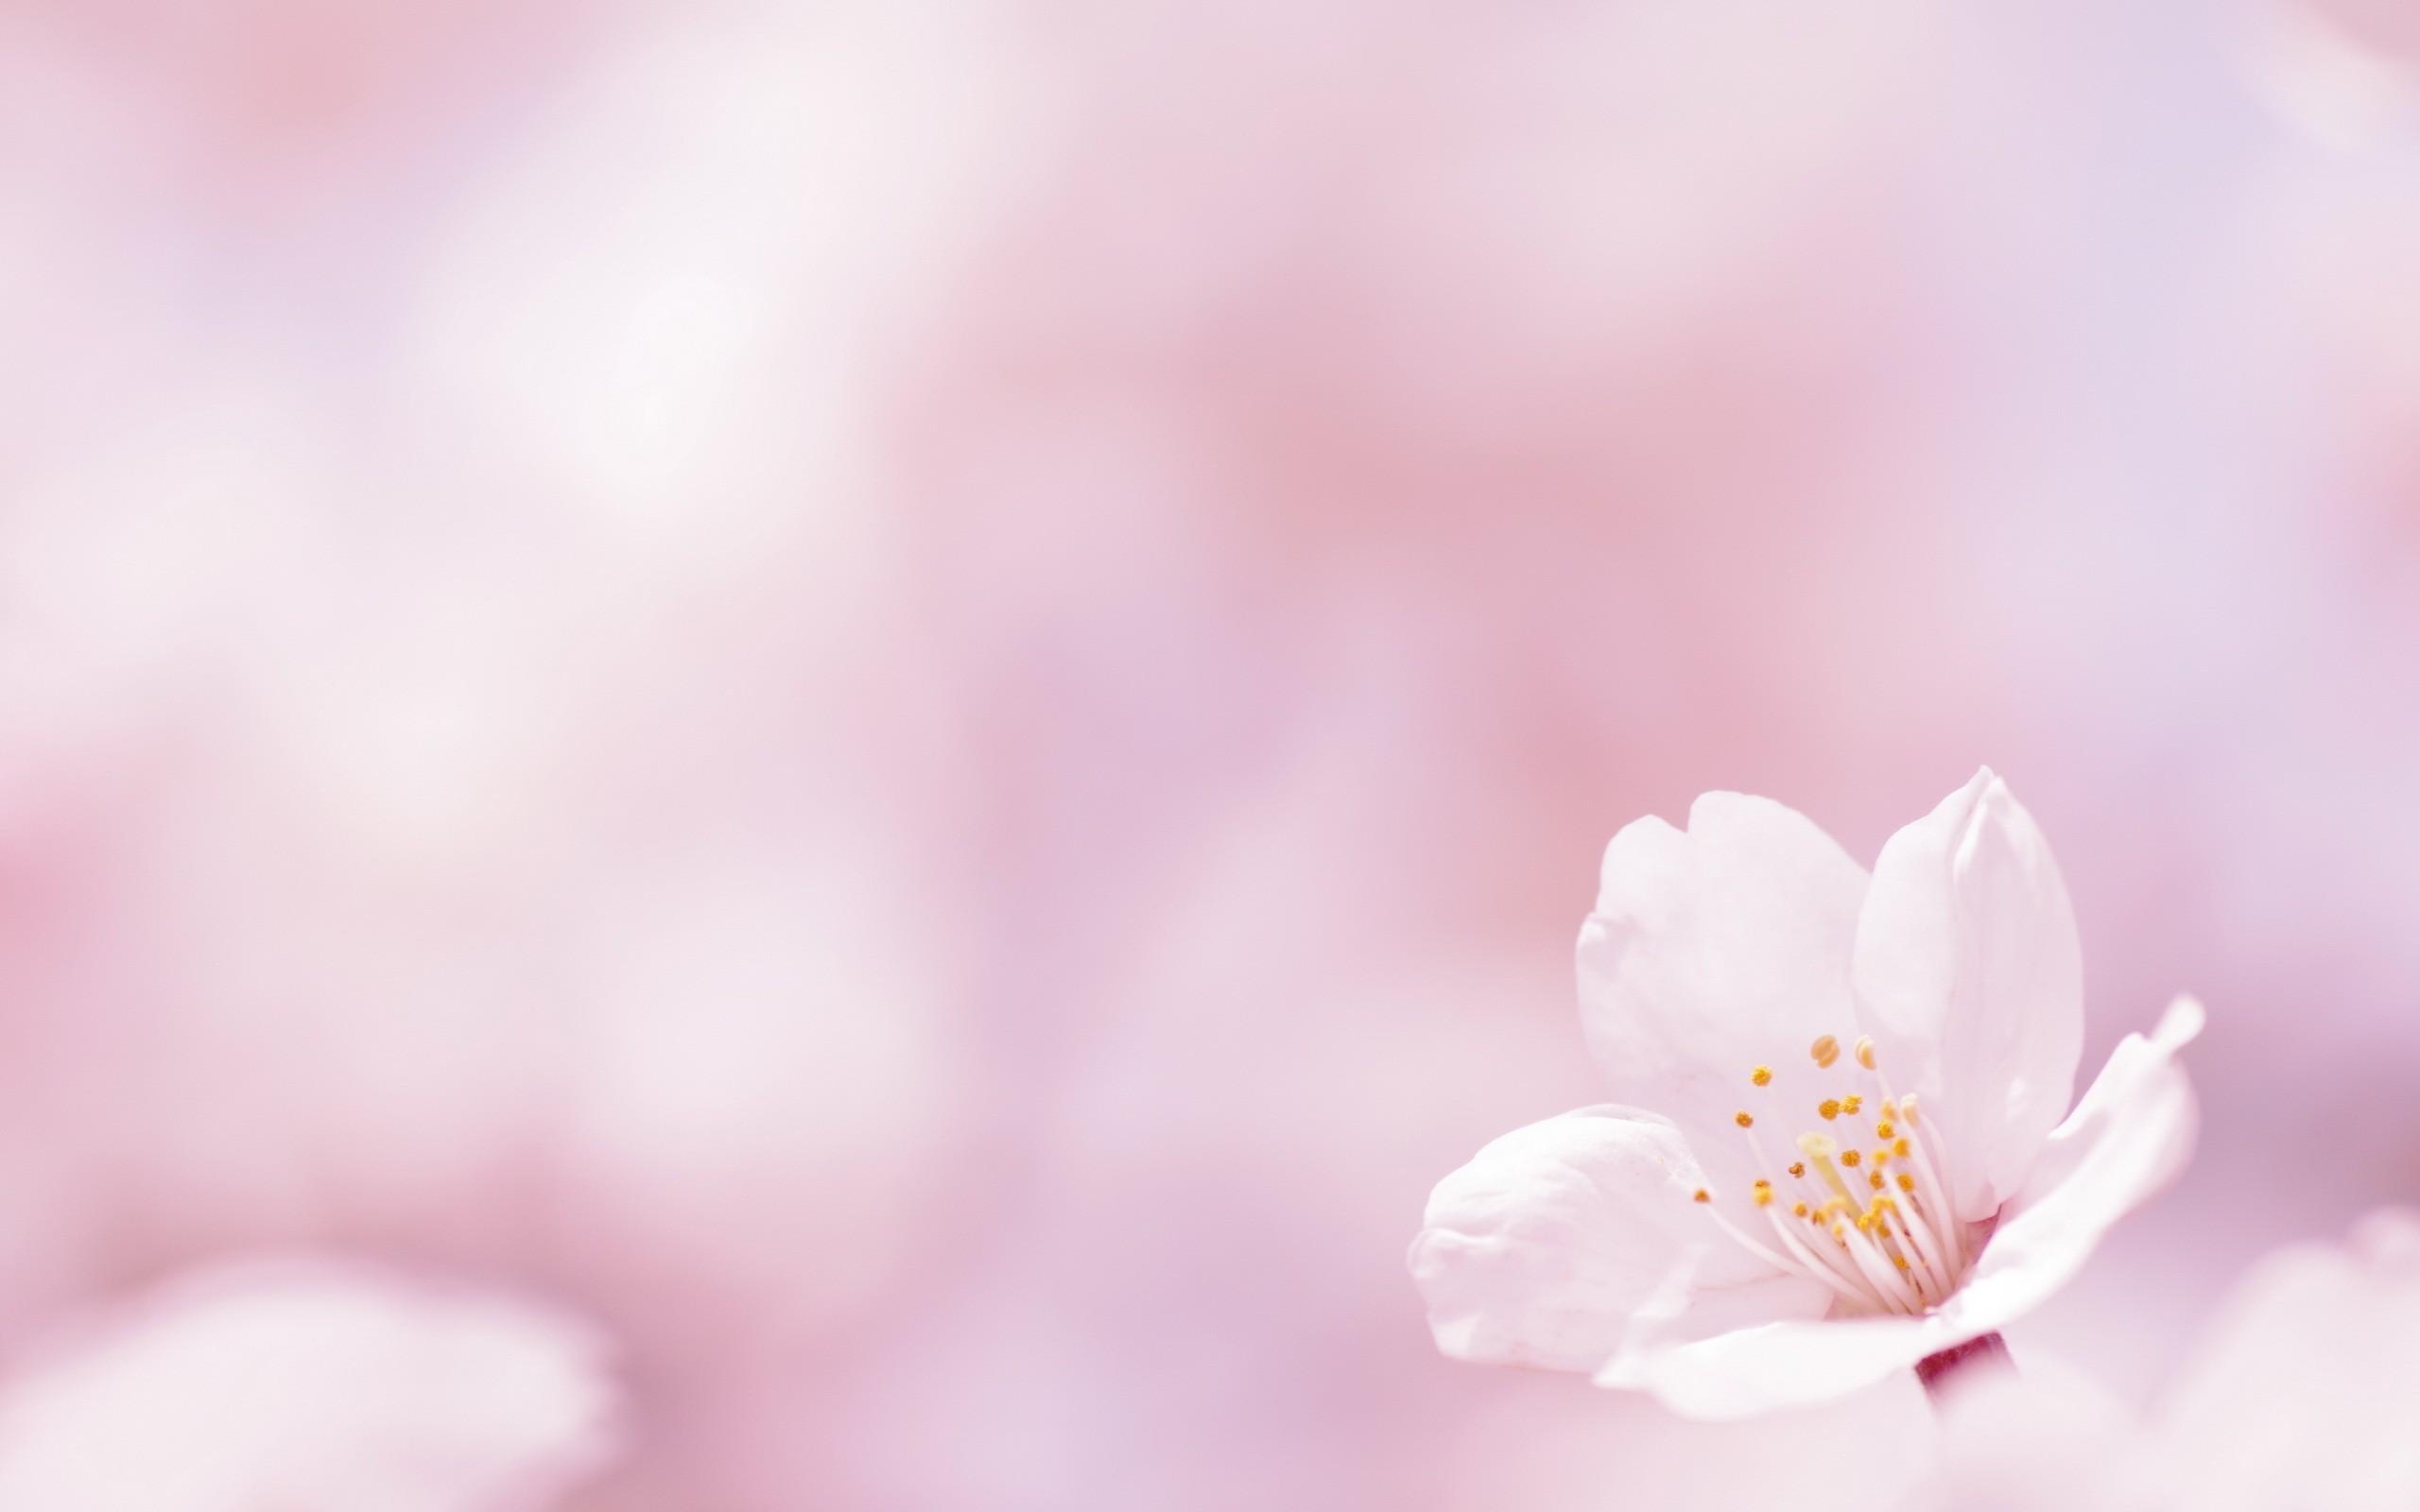 بالصور صور الورد , اجمل ورد ممكن تشوفه 3094 5